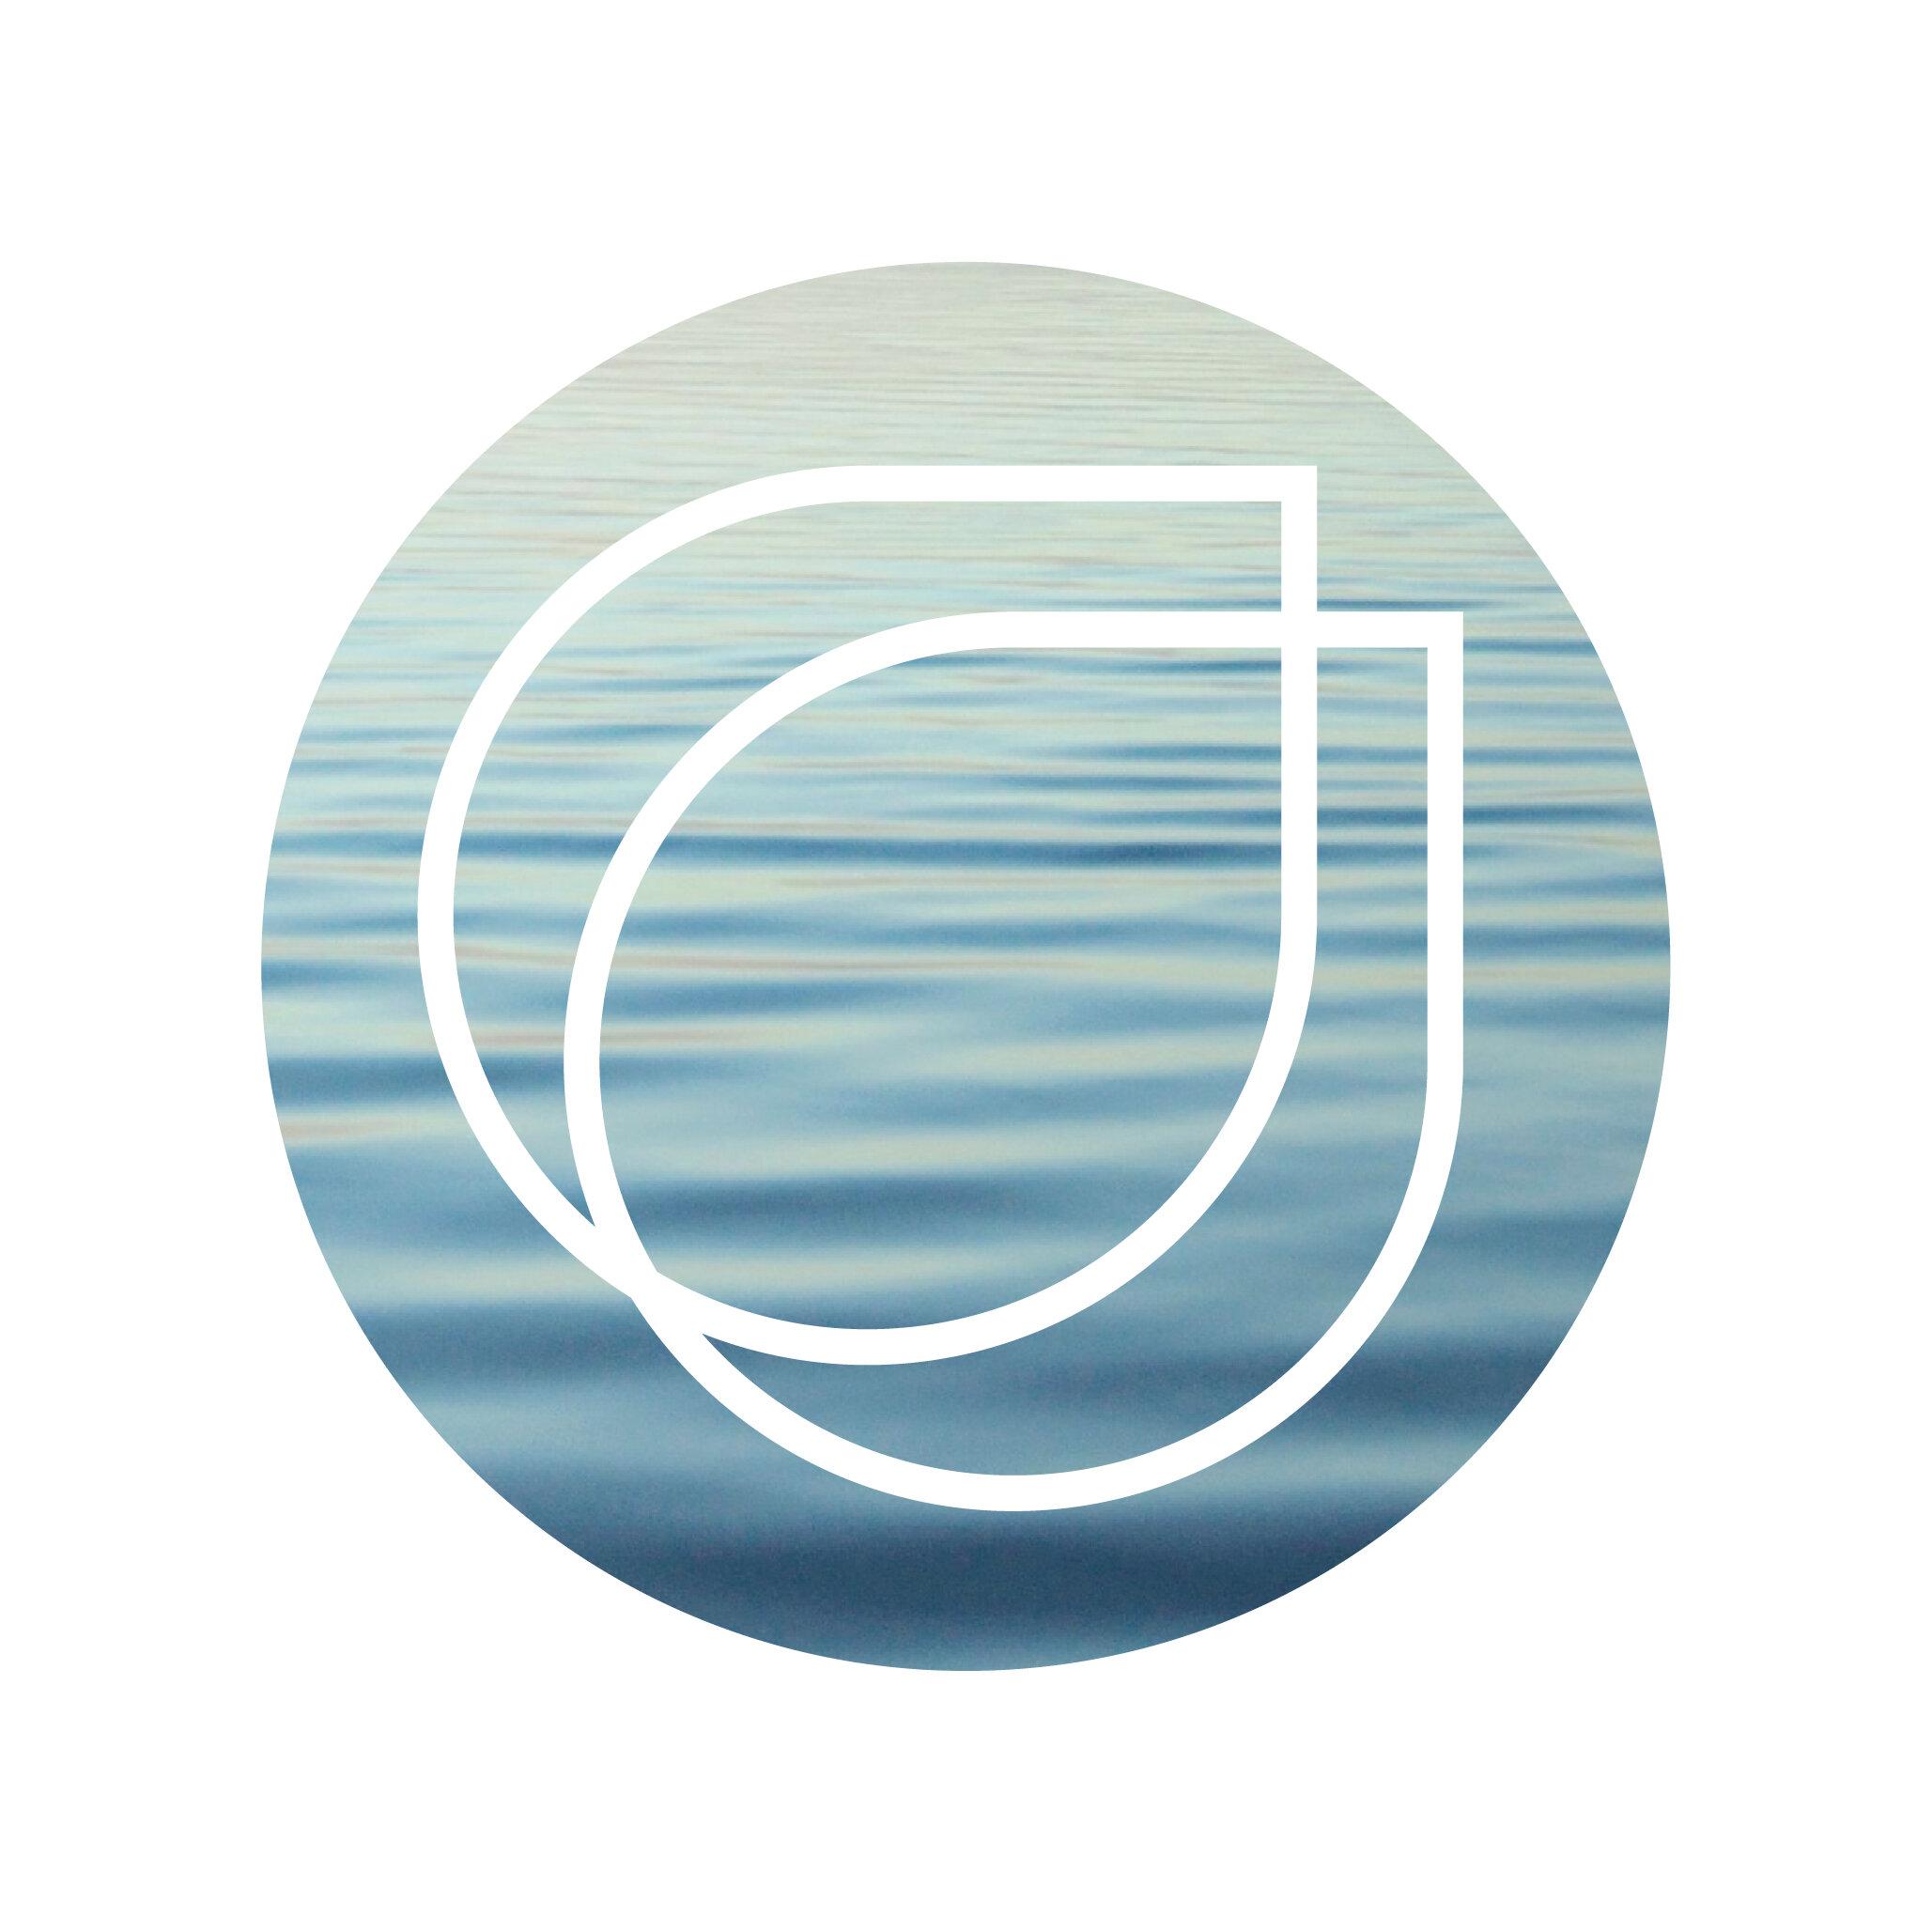 Soul Shepherding Mark | Natalie Lauren Design